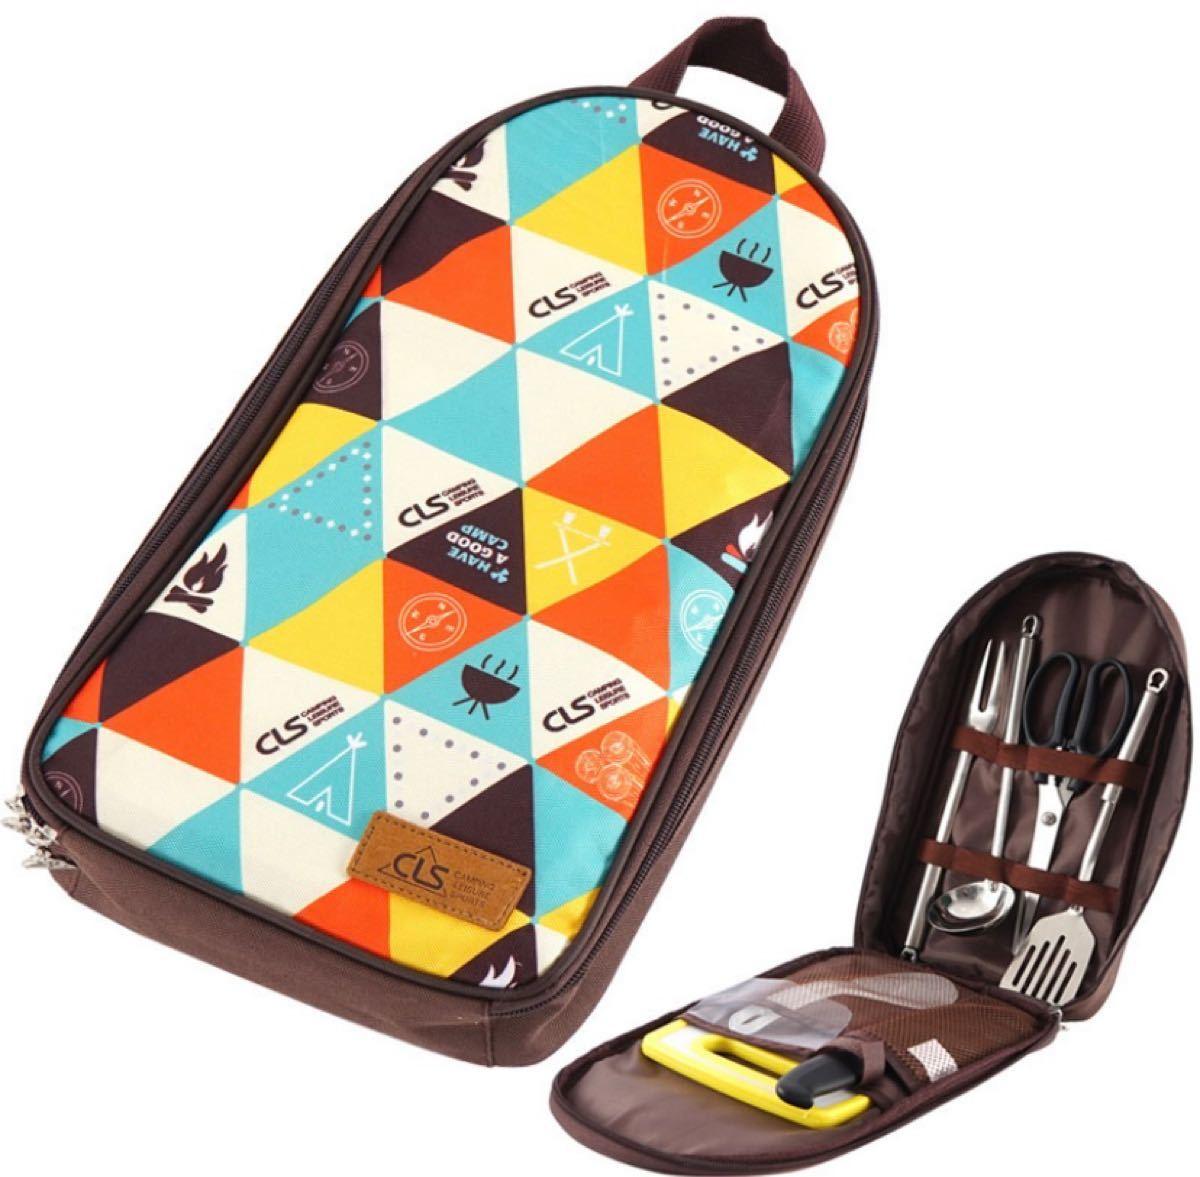 キャンプバーベキューツール7ピースセットポータブル調理器具アウトドア旅行